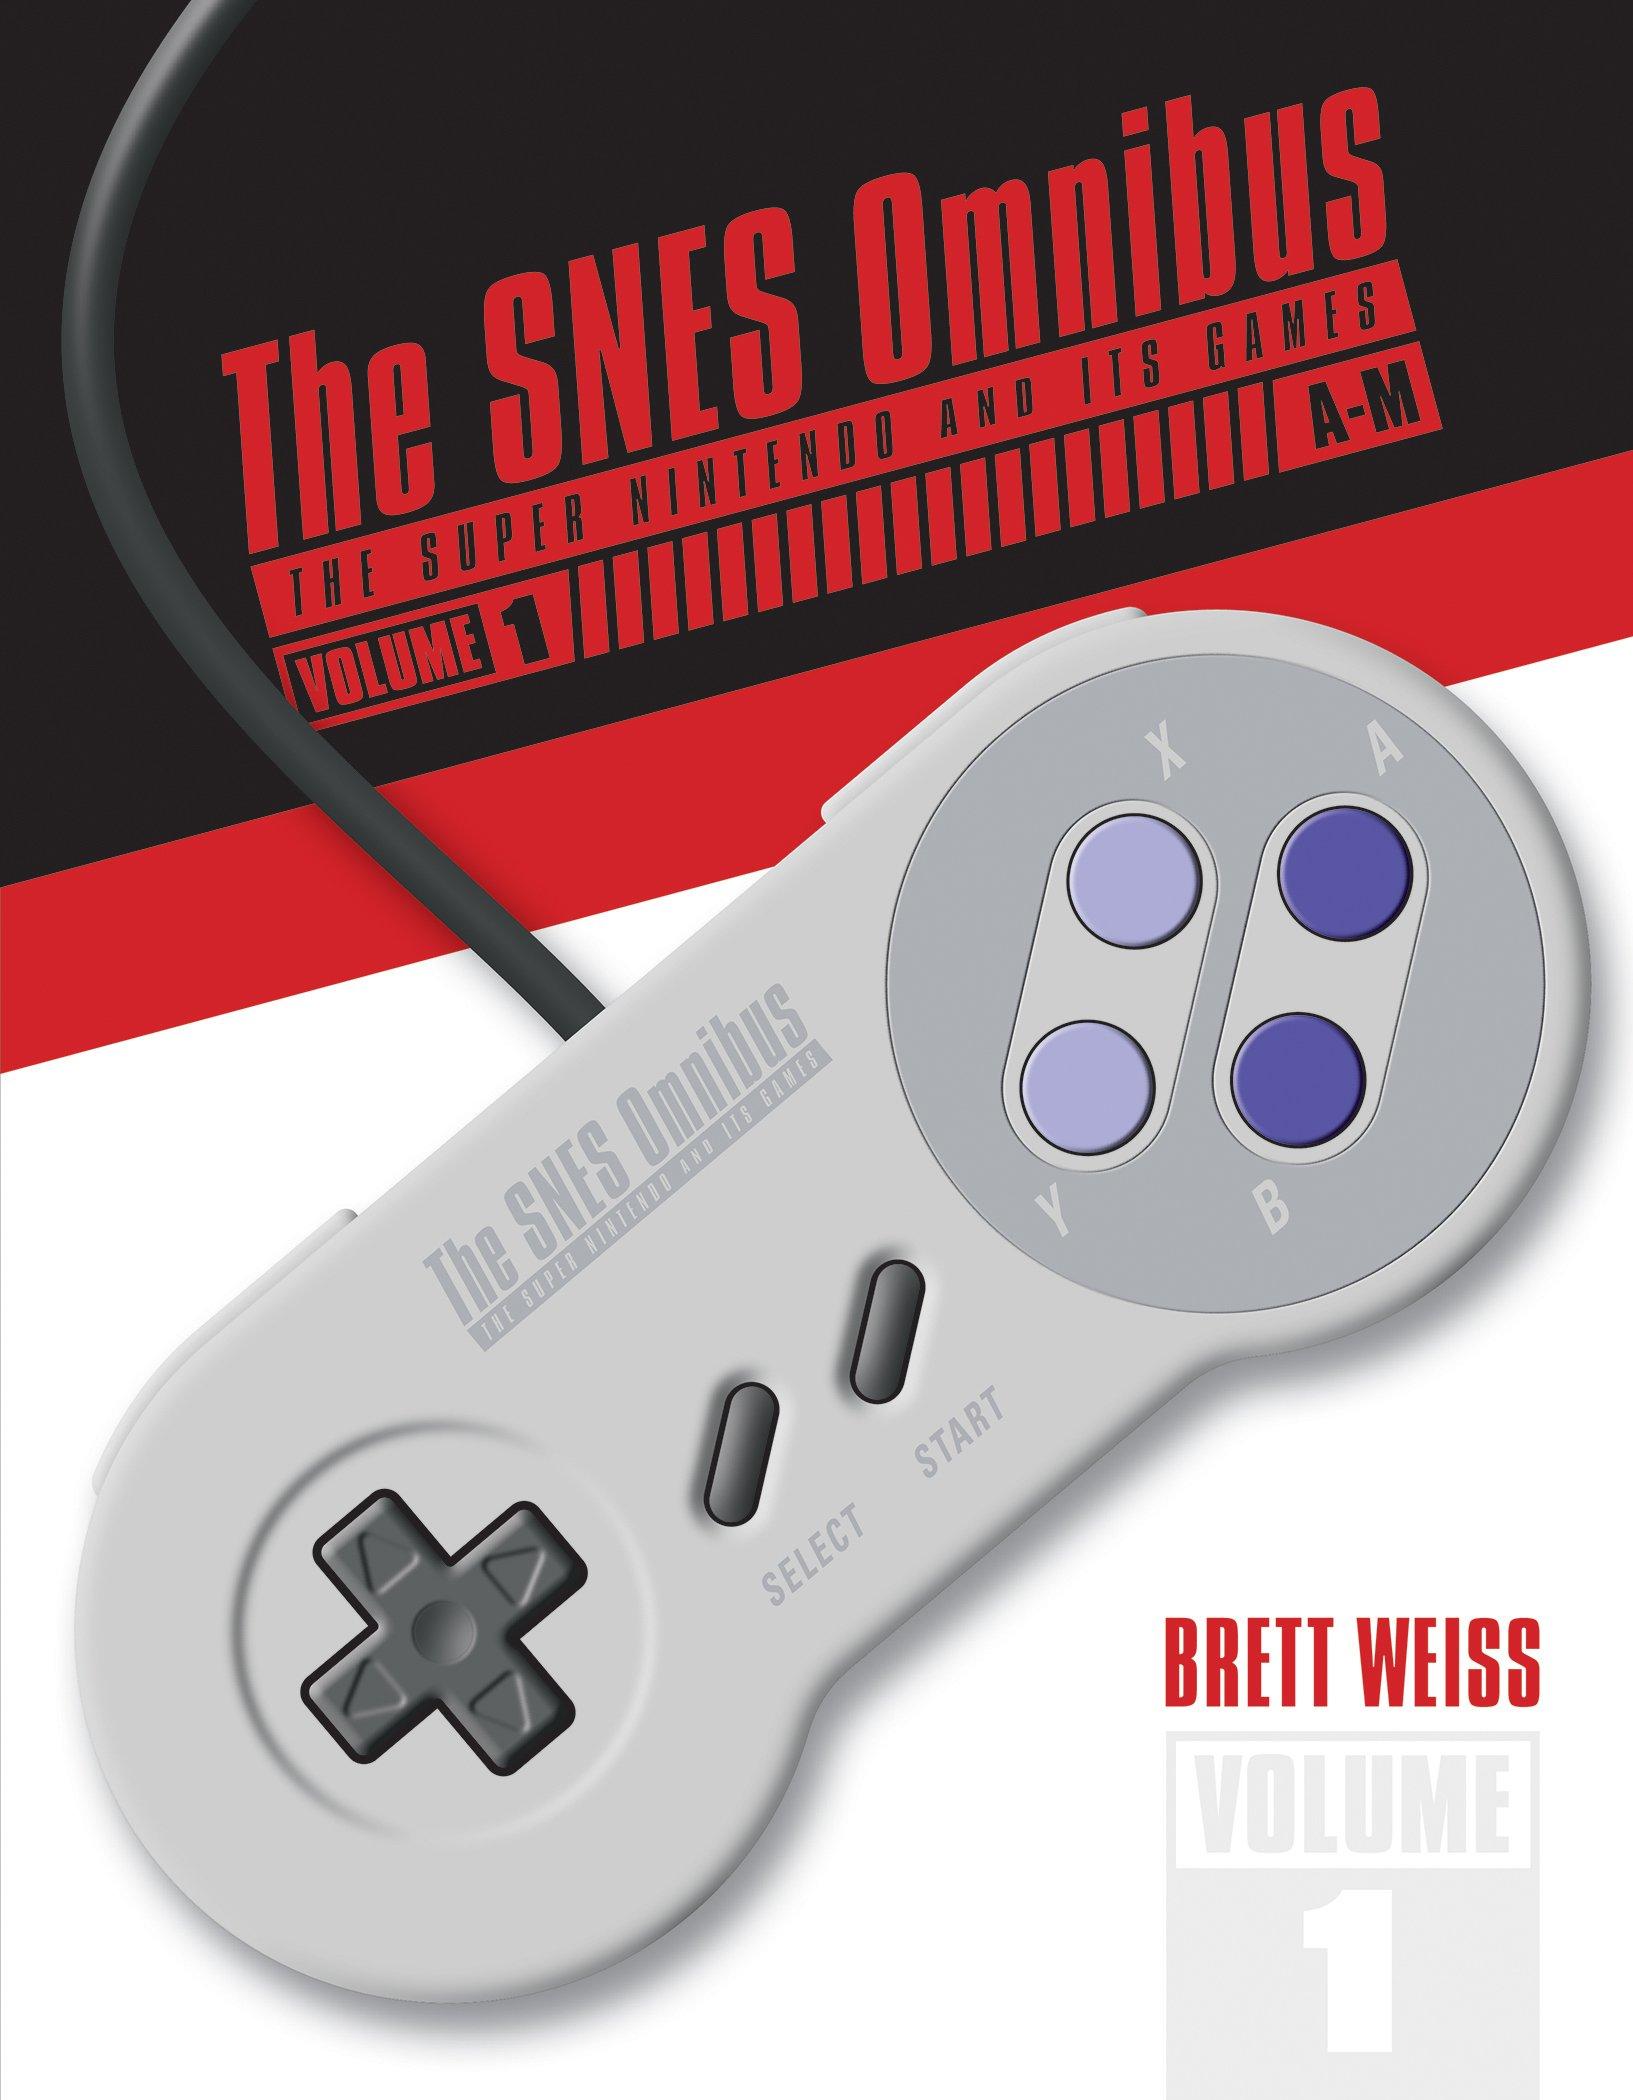 Download The SNES Omnibus: The Super Nintendo and Its Games, Vol. 1 (A-M) ebook